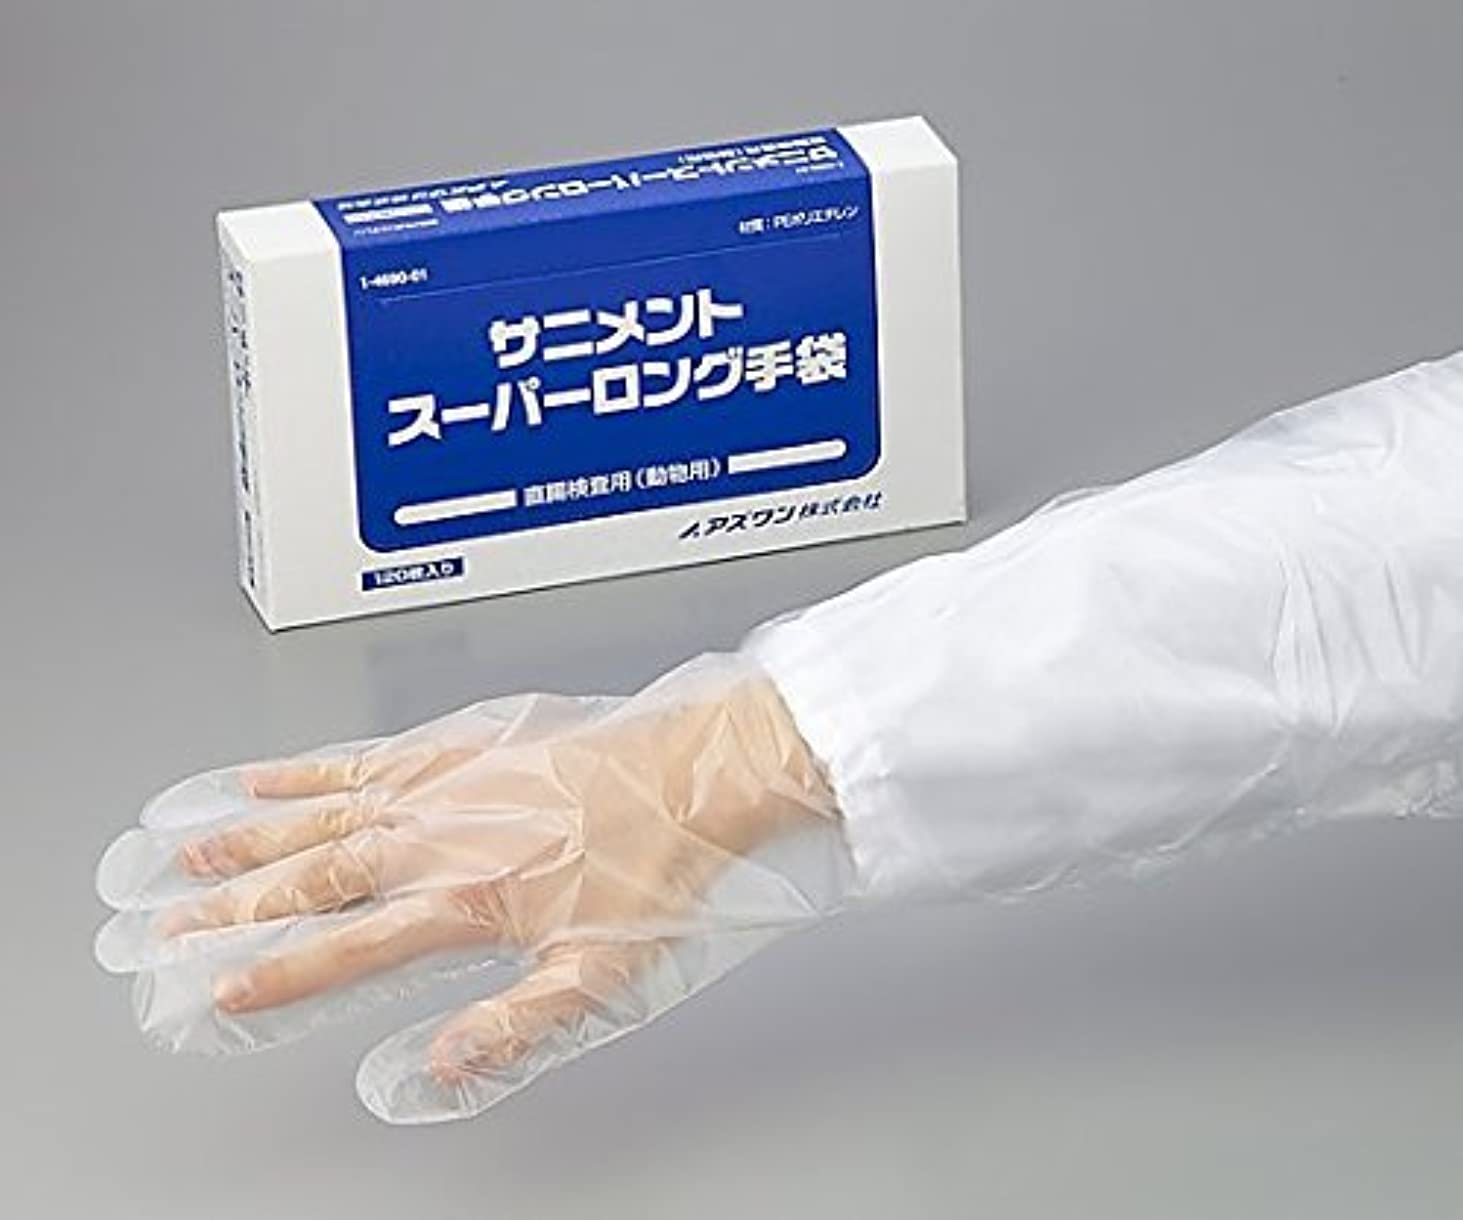 異邦人仲介者悪性腫瘍アズワン1-4690-01サニメントスーパーロング手袋120枚入り